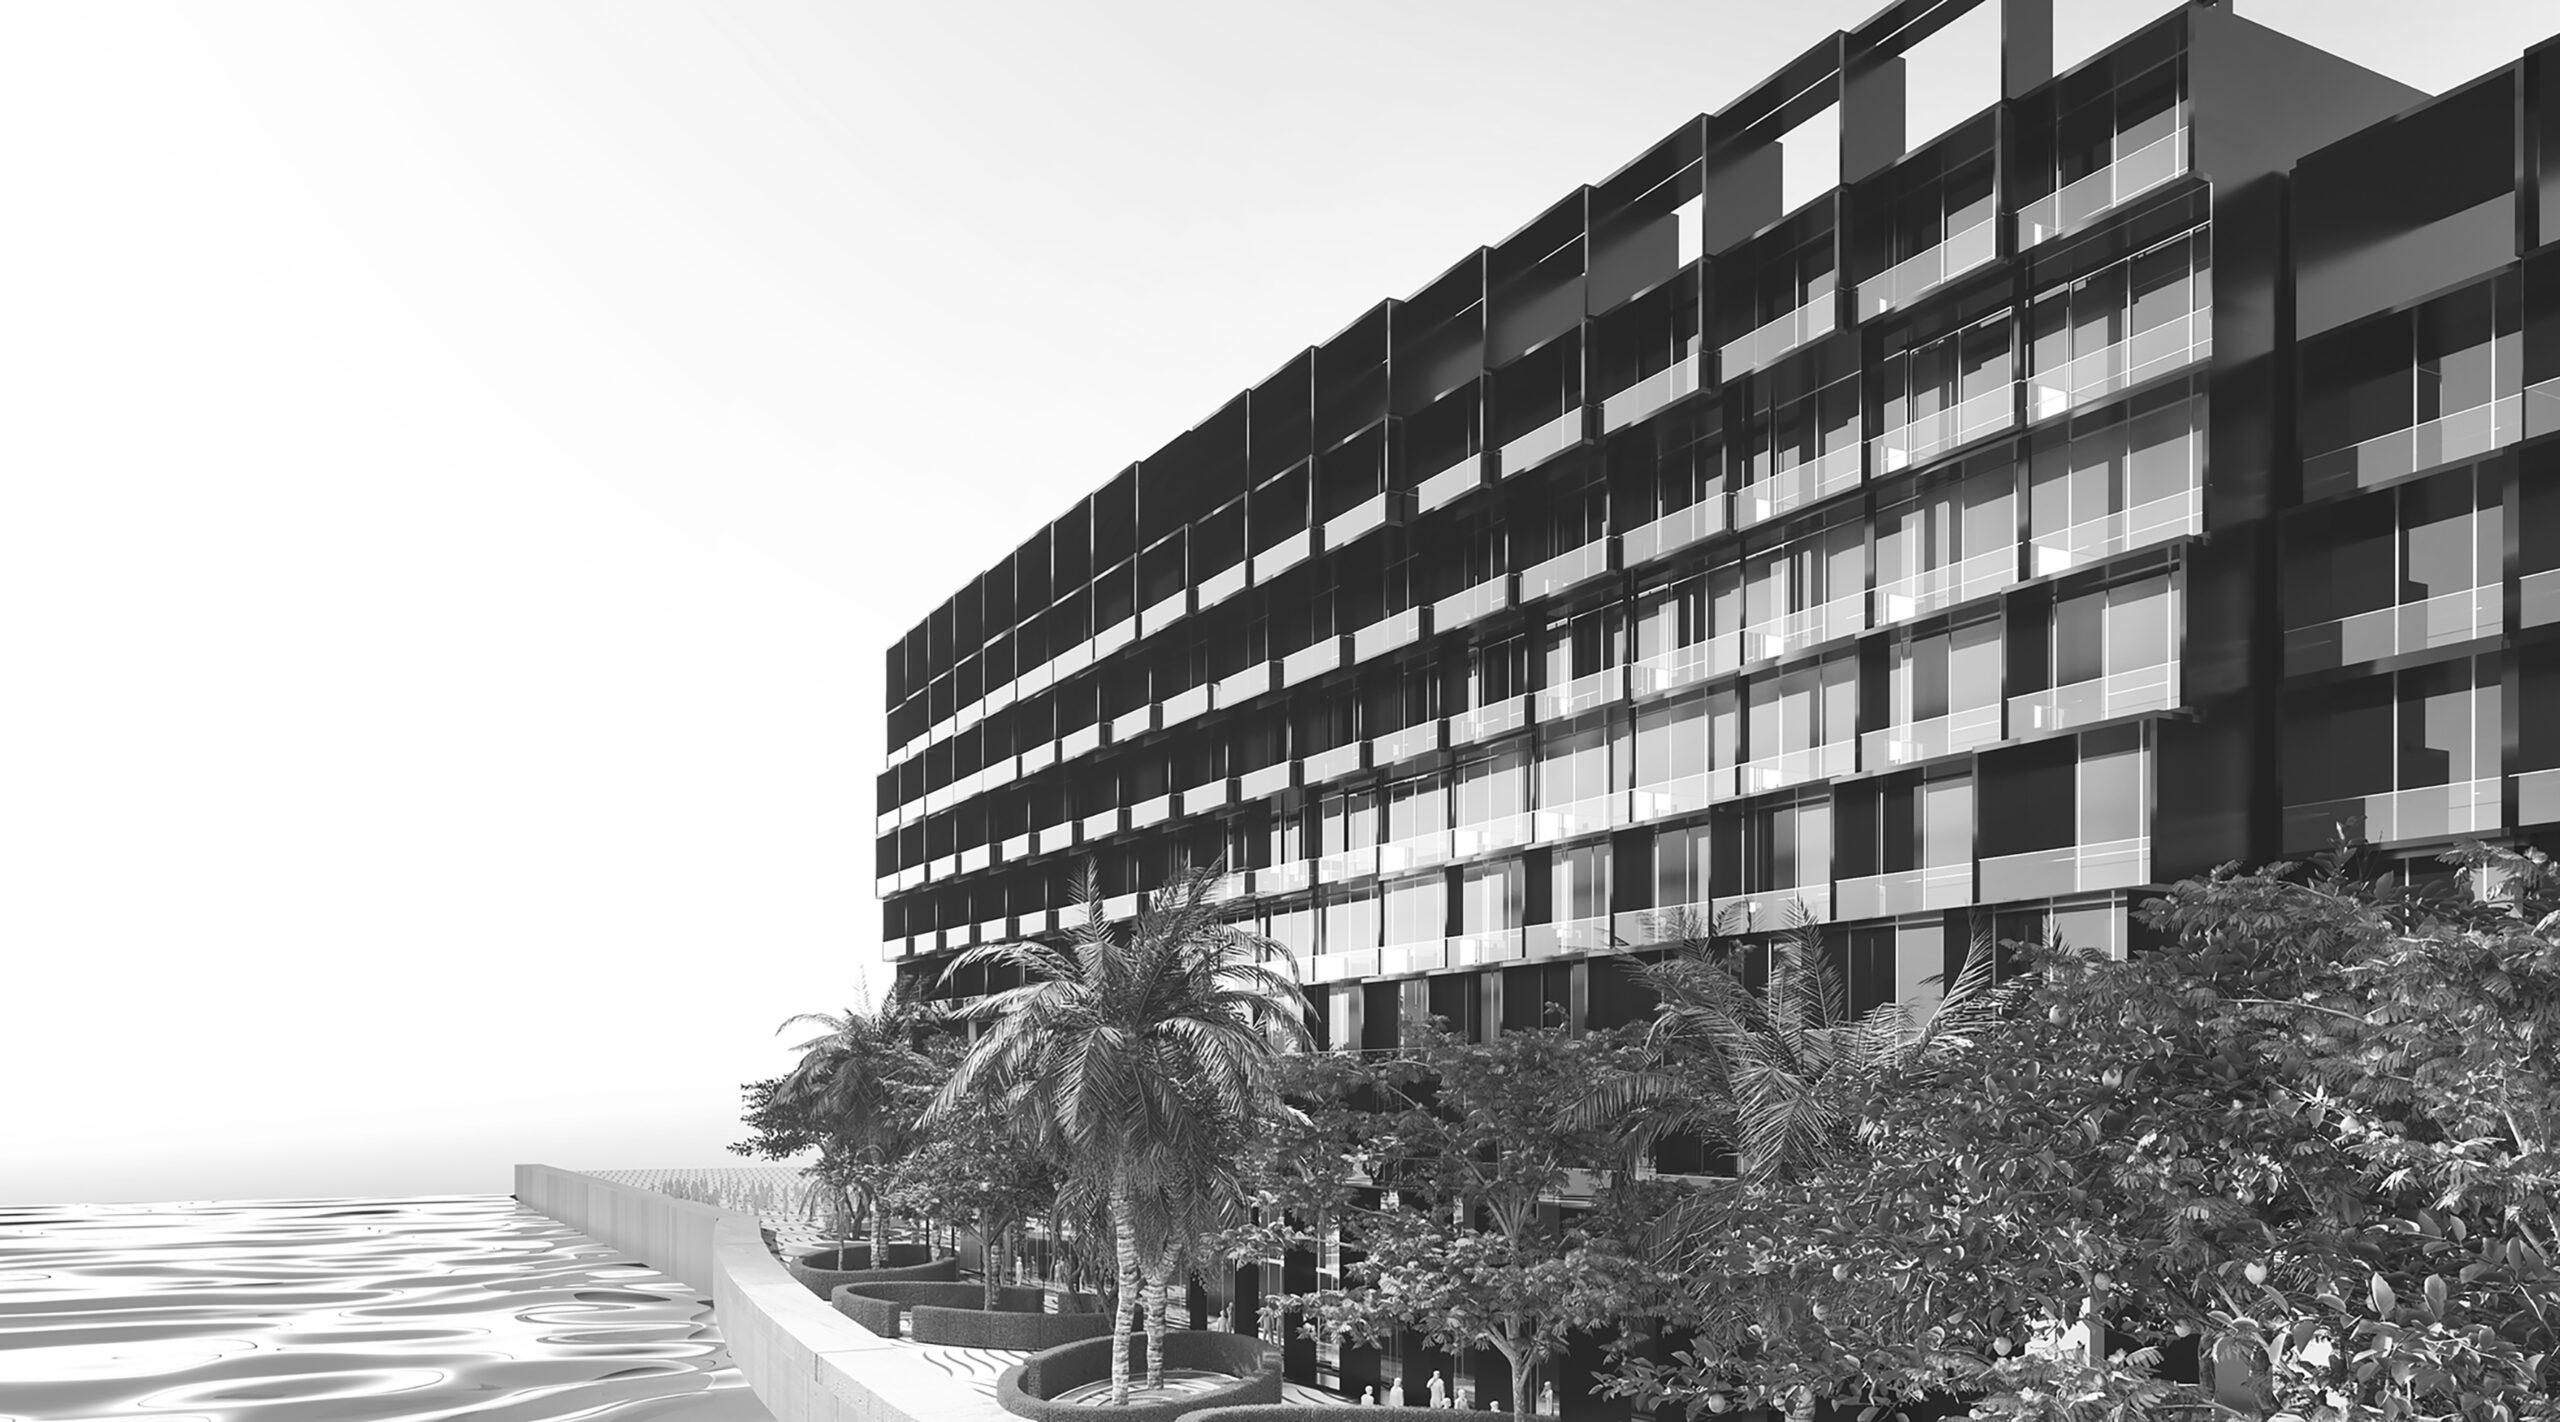 Abu Dhabi Artifical Intelligent Hotel